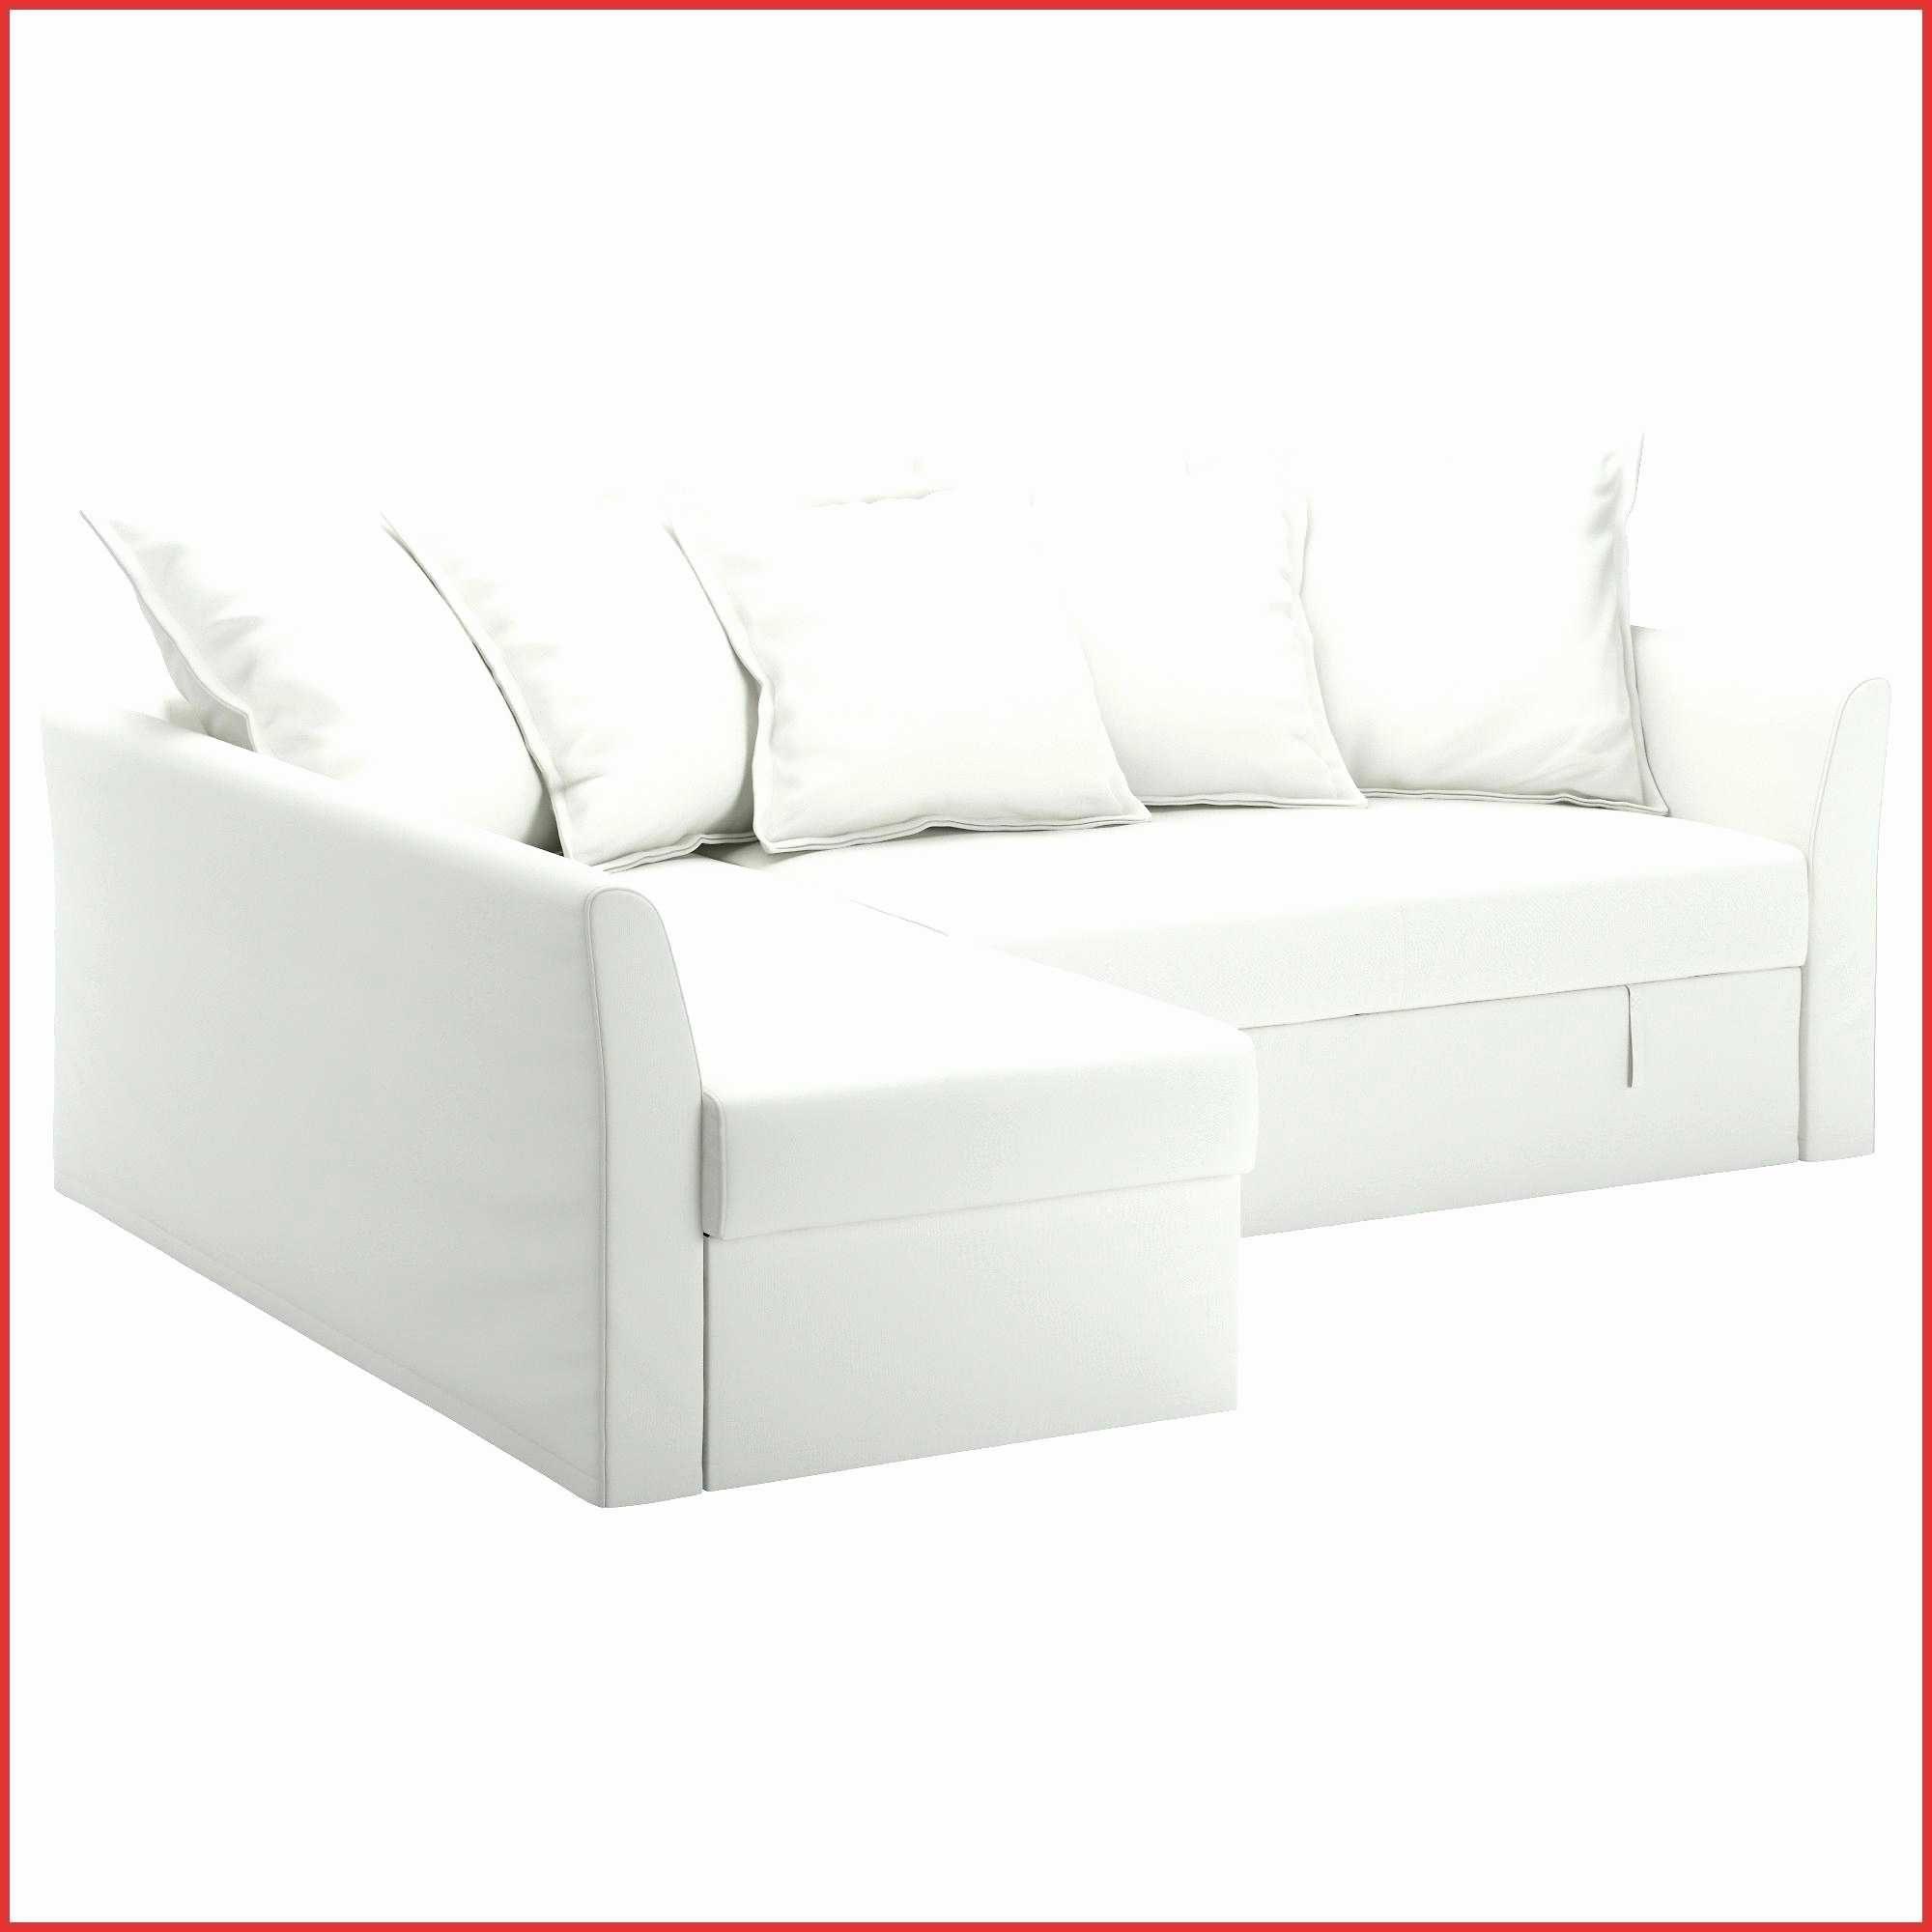 Canapé Lit Couchage Quotidien Bel Meilleur Canapé Convertible Pour Usage Quoti N 41 De Luxes Matelas